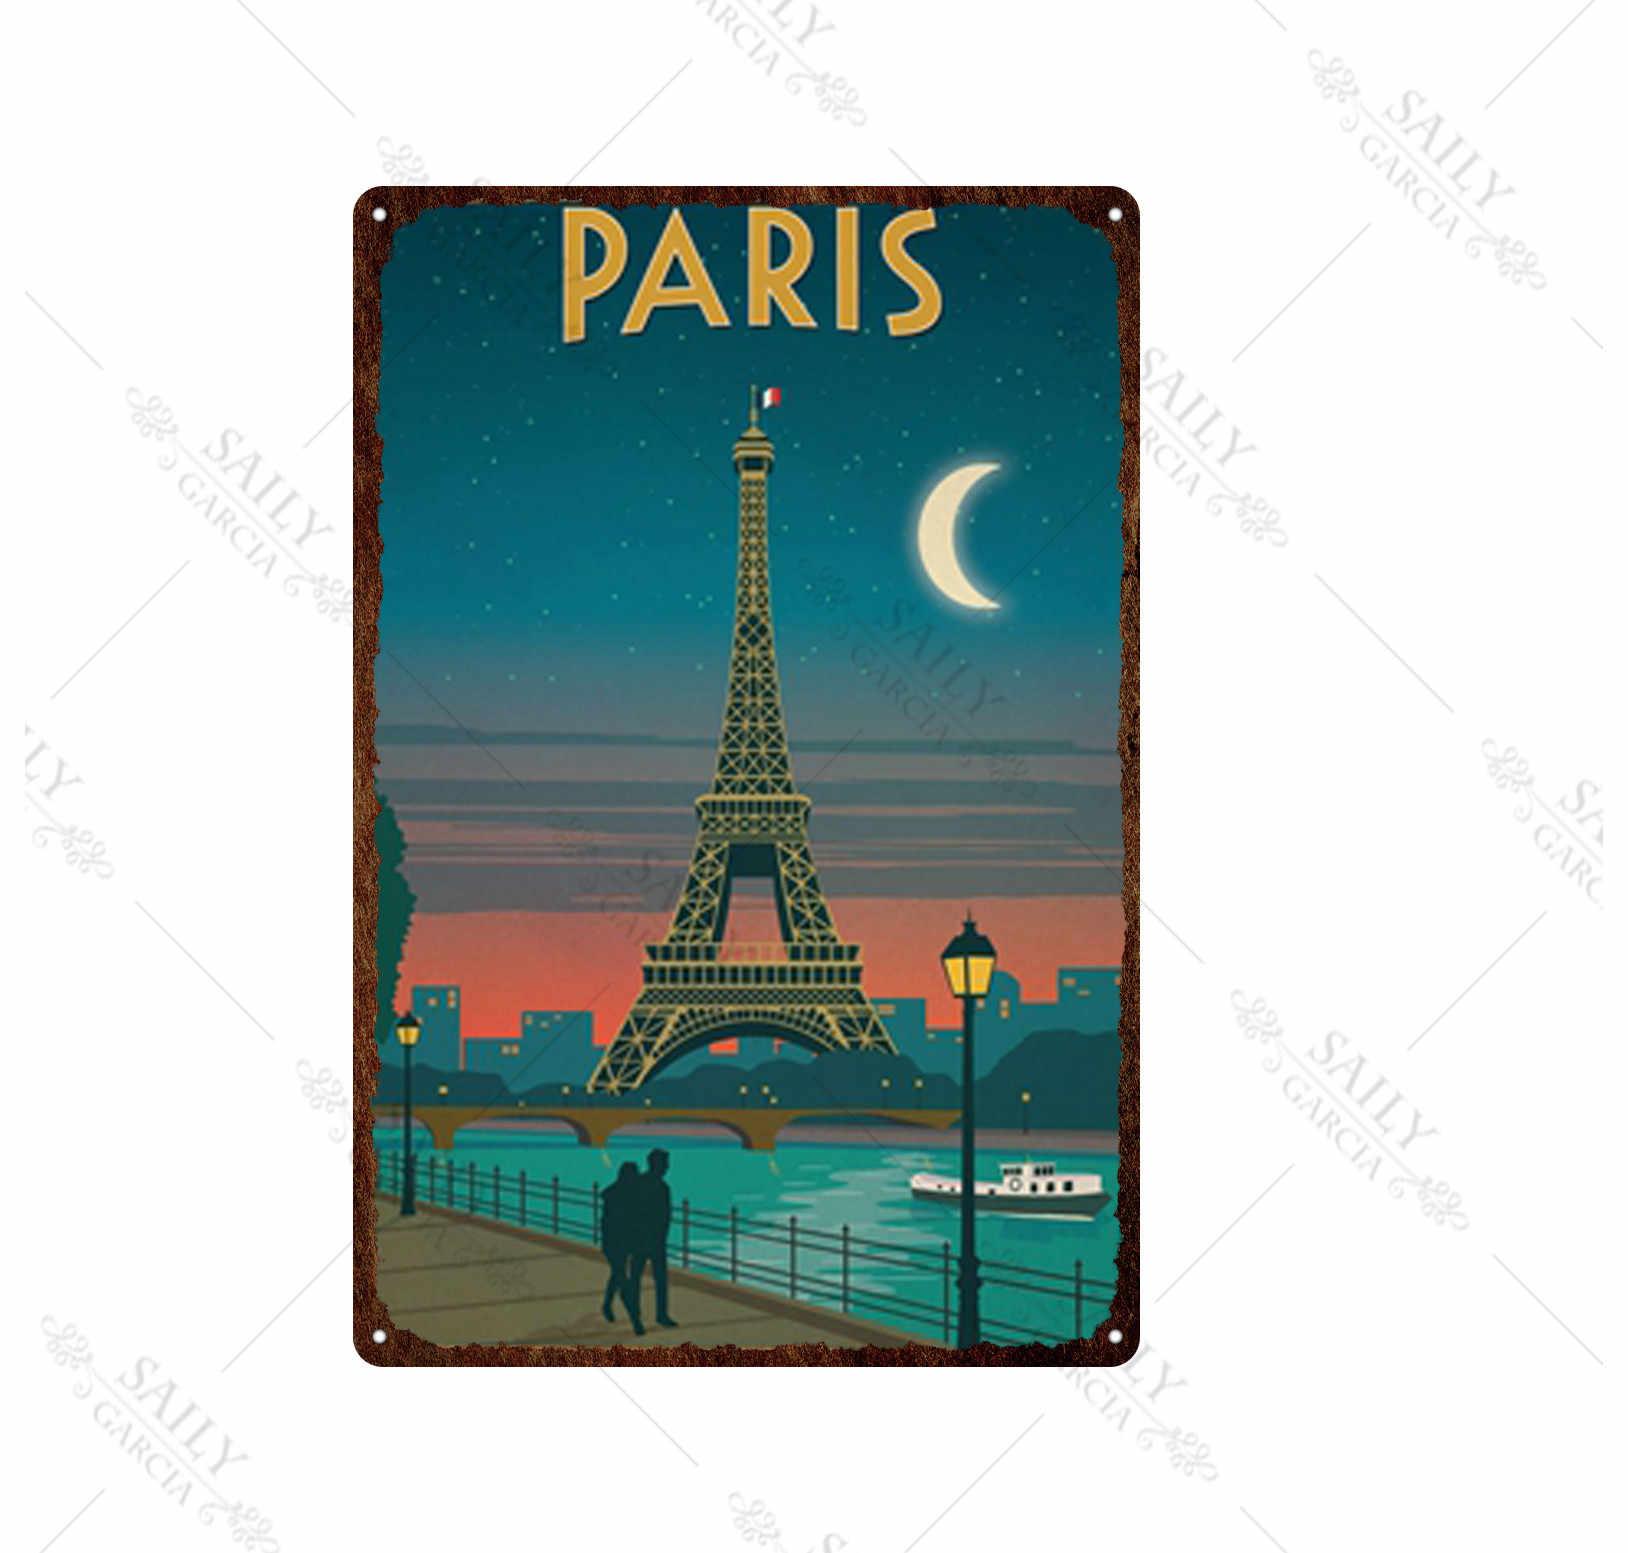 Paris Cartel de chapa de metal pintado decoraci/ón de pared moderna sala de juegos reglas de la casa